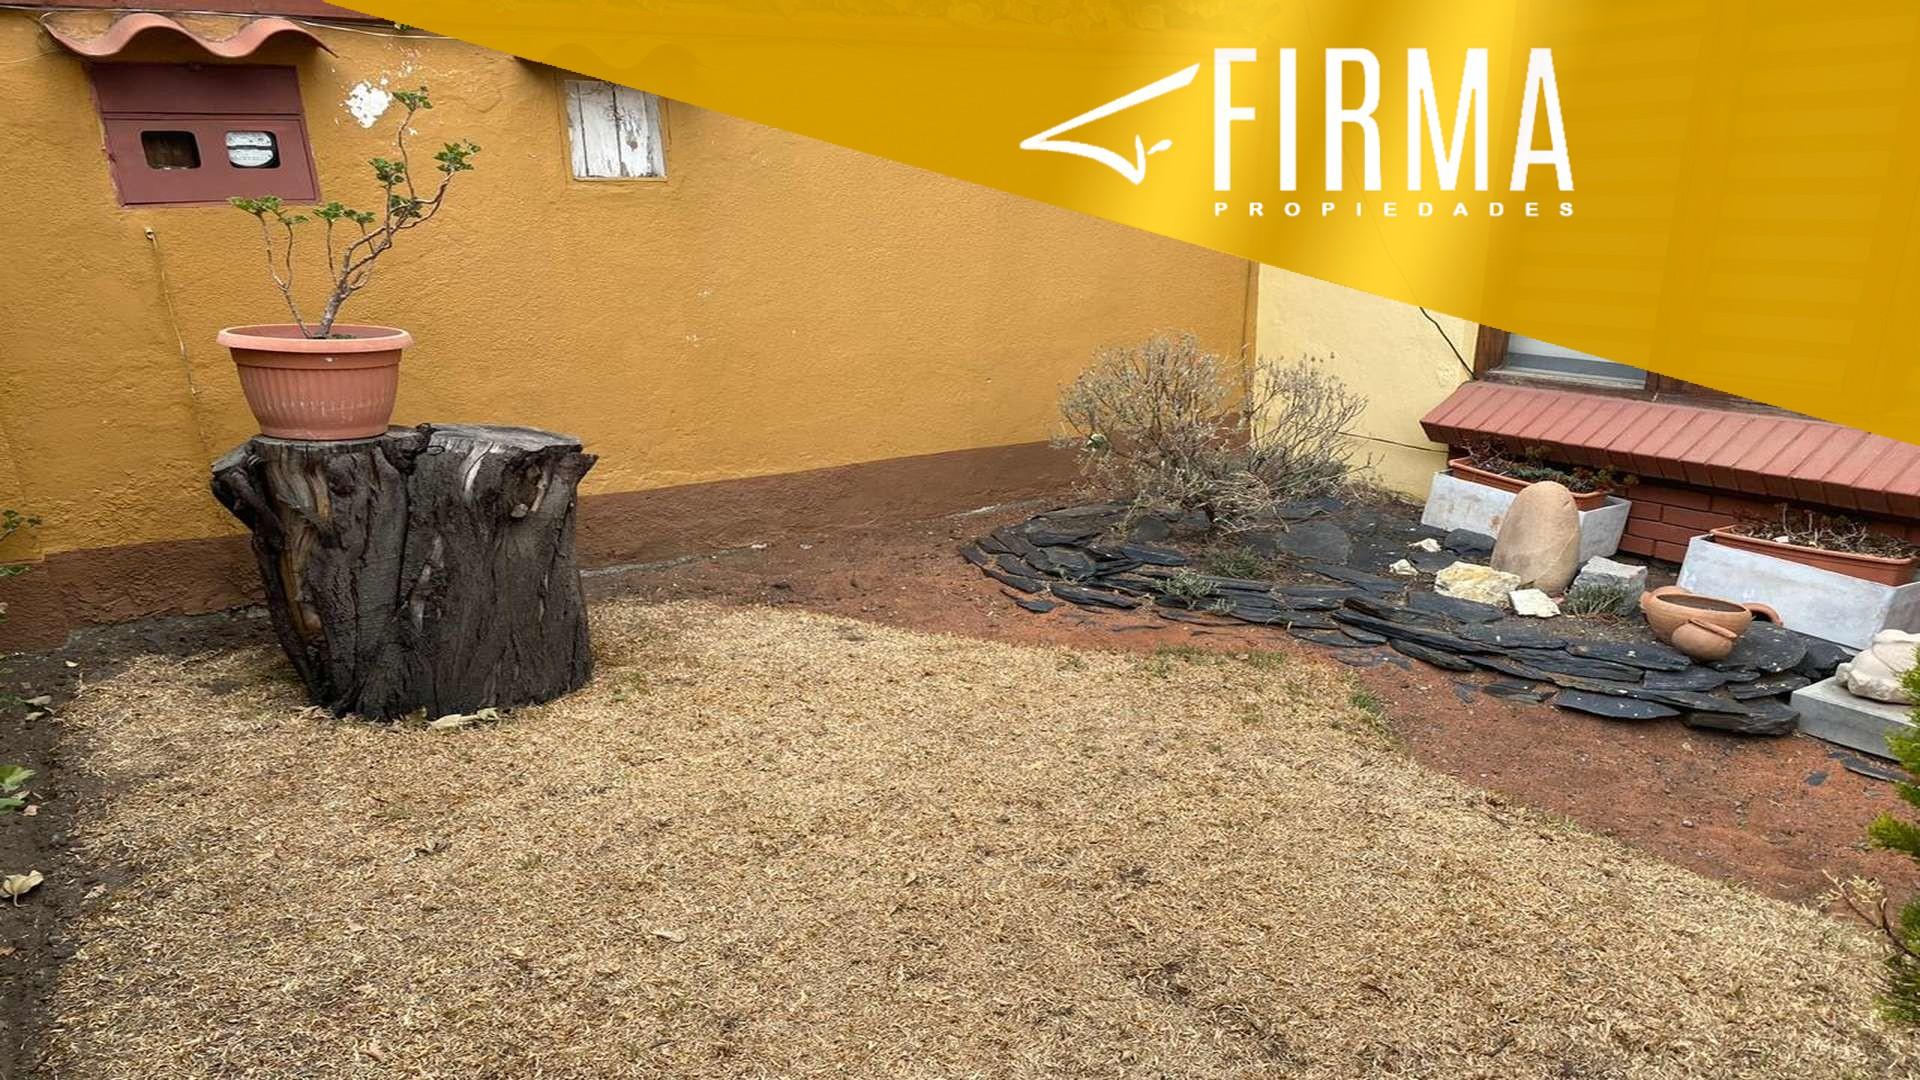 Casa en Venta FCV59847 – COMPRA ESTA CASA EN ACHUMANI Foto 3